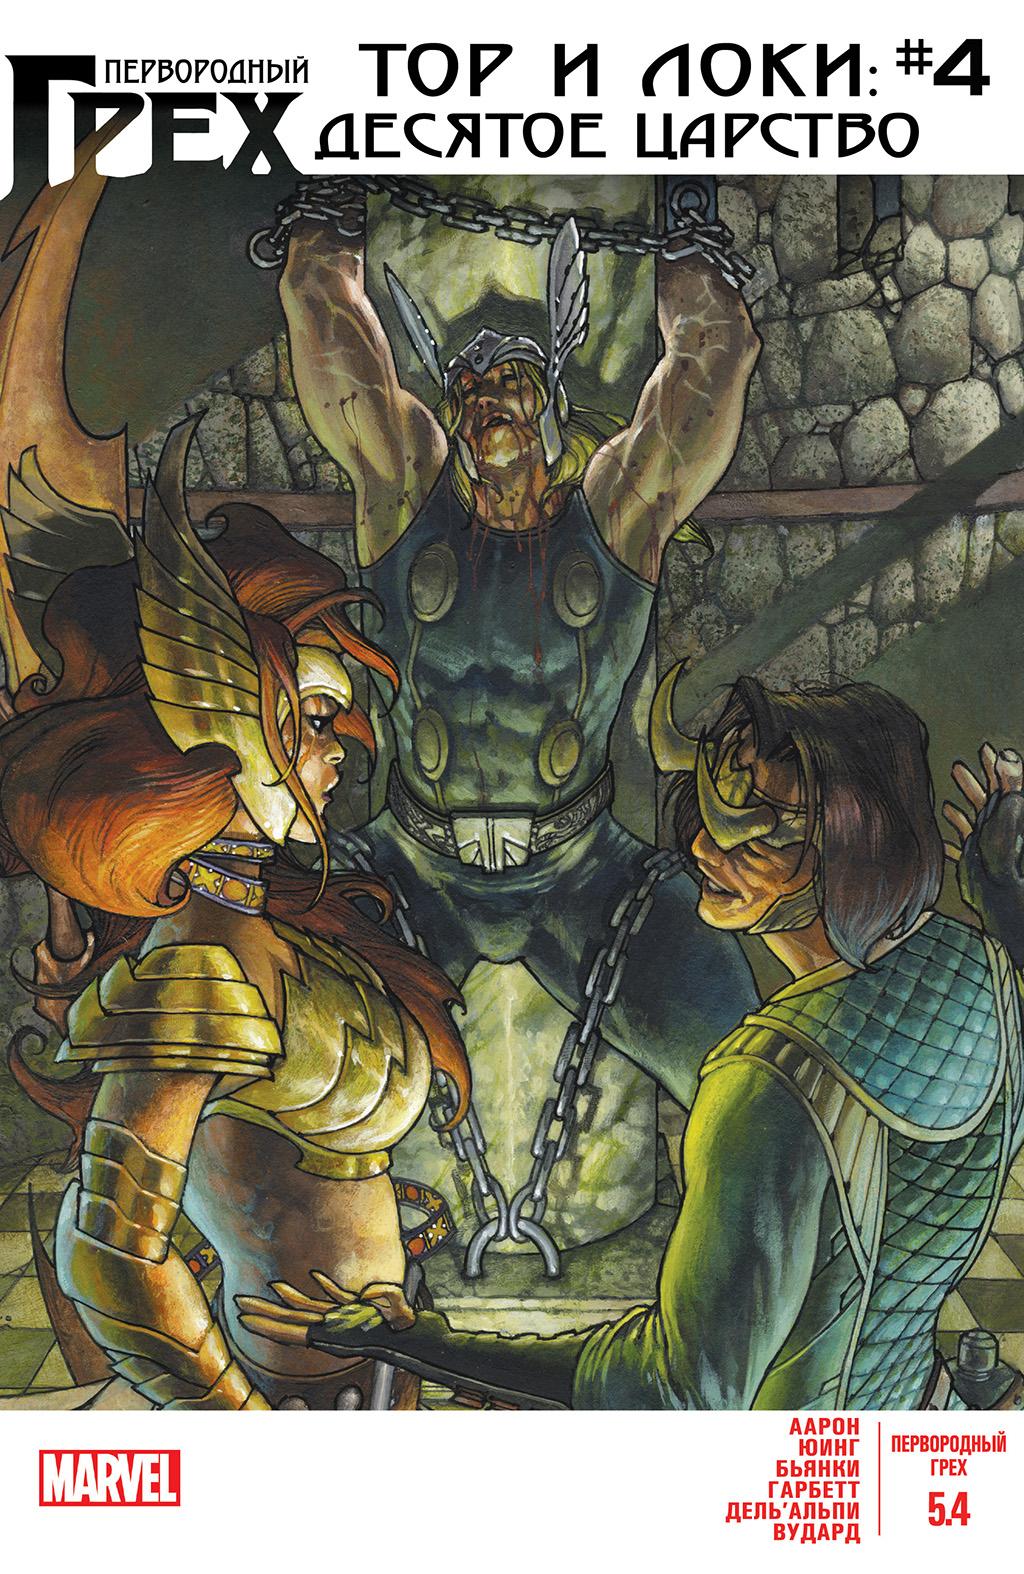 Комикс Первородный Грех: Тор и Локи: Десятое Царство